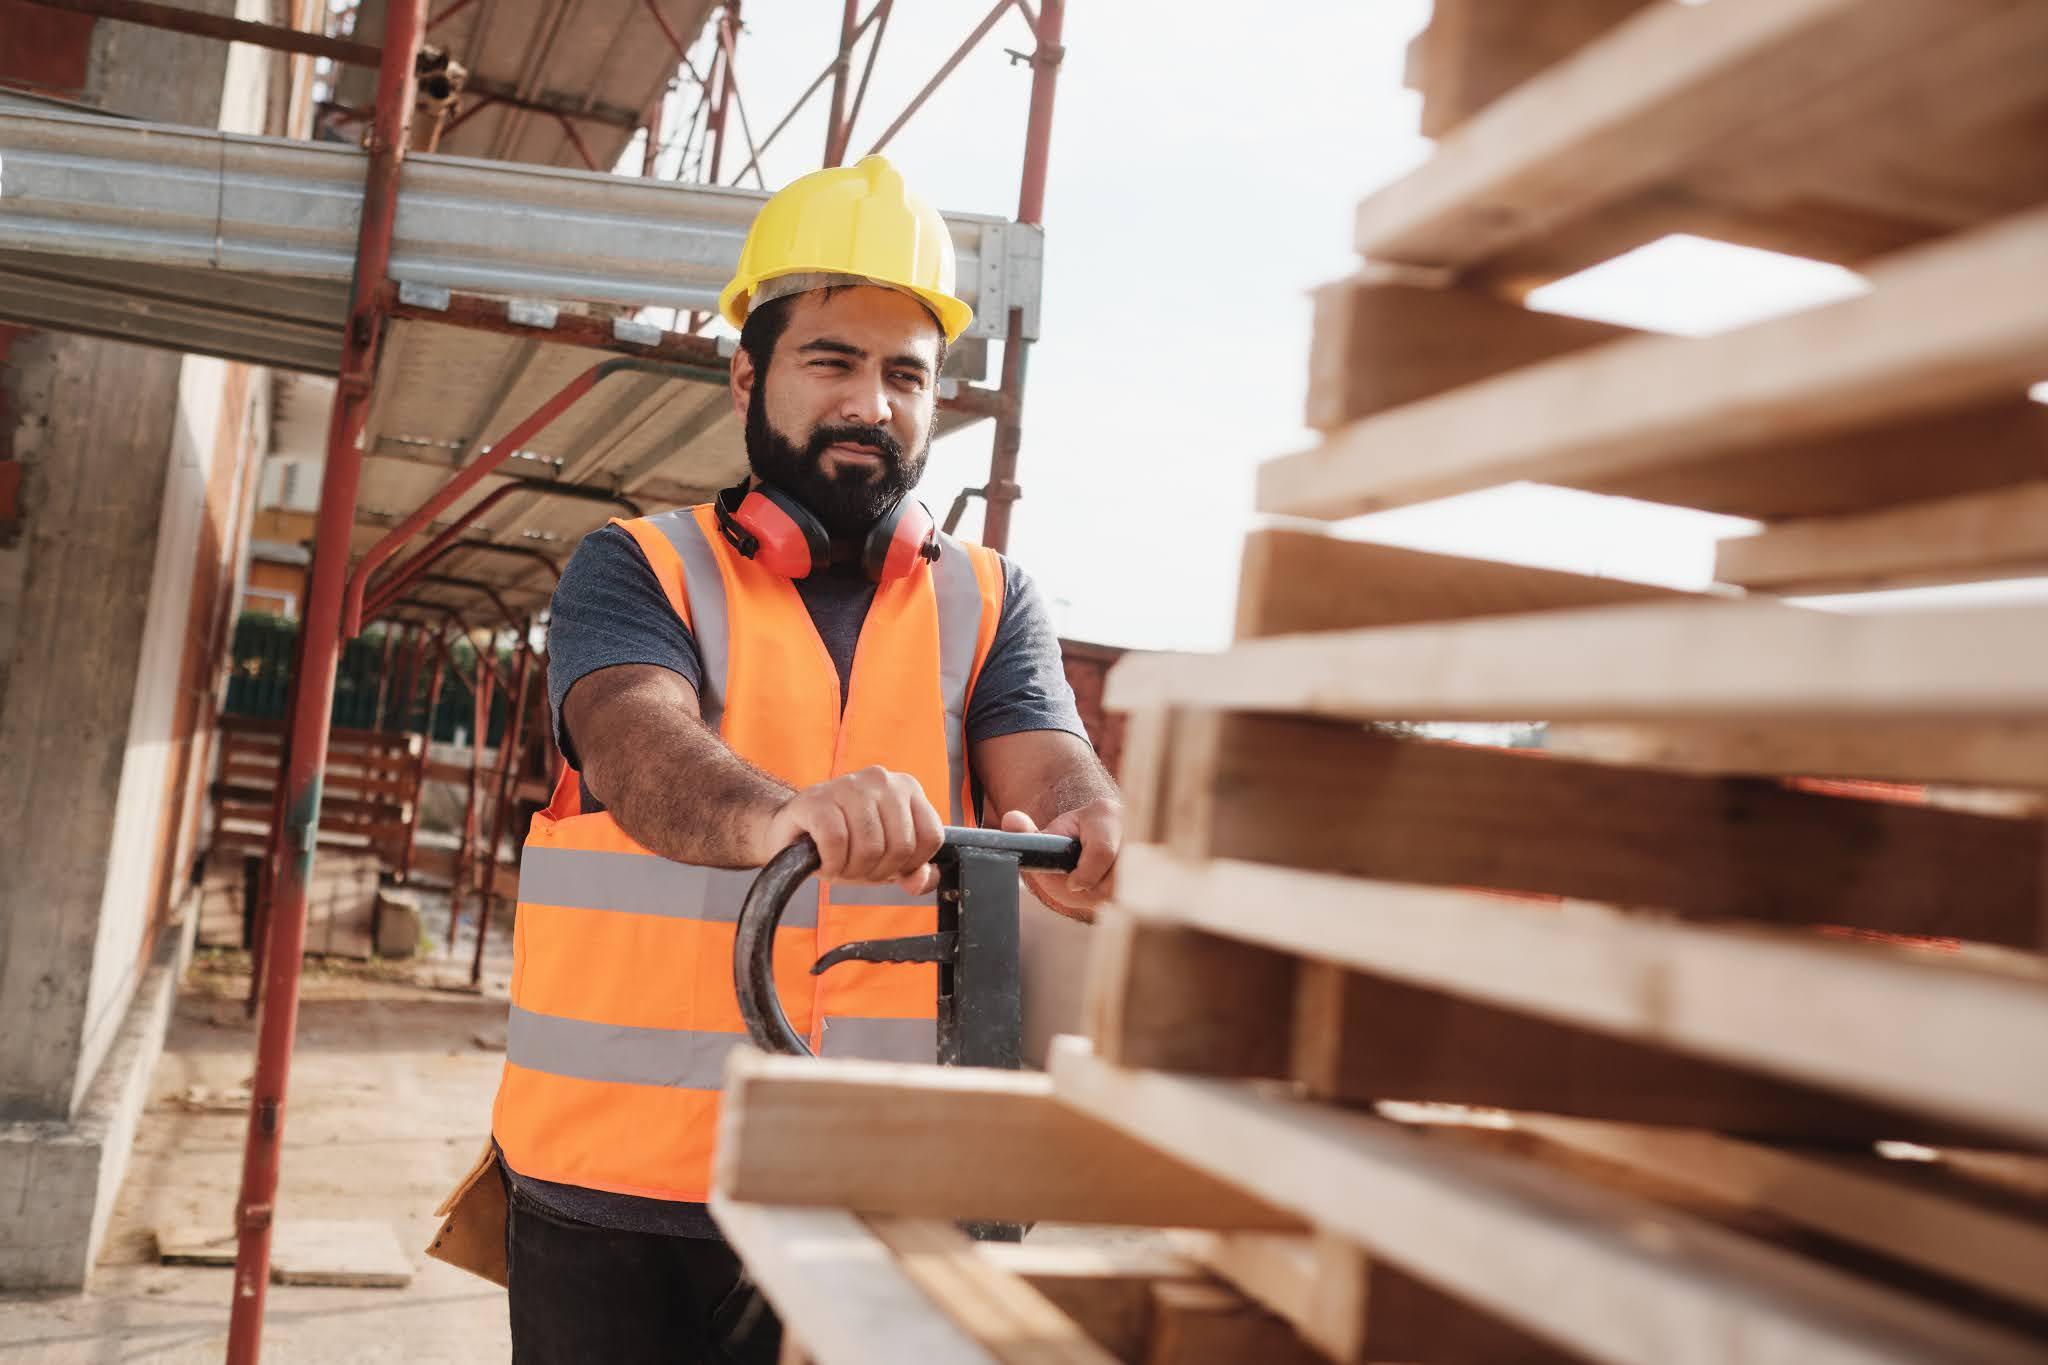 wholesale building supplies